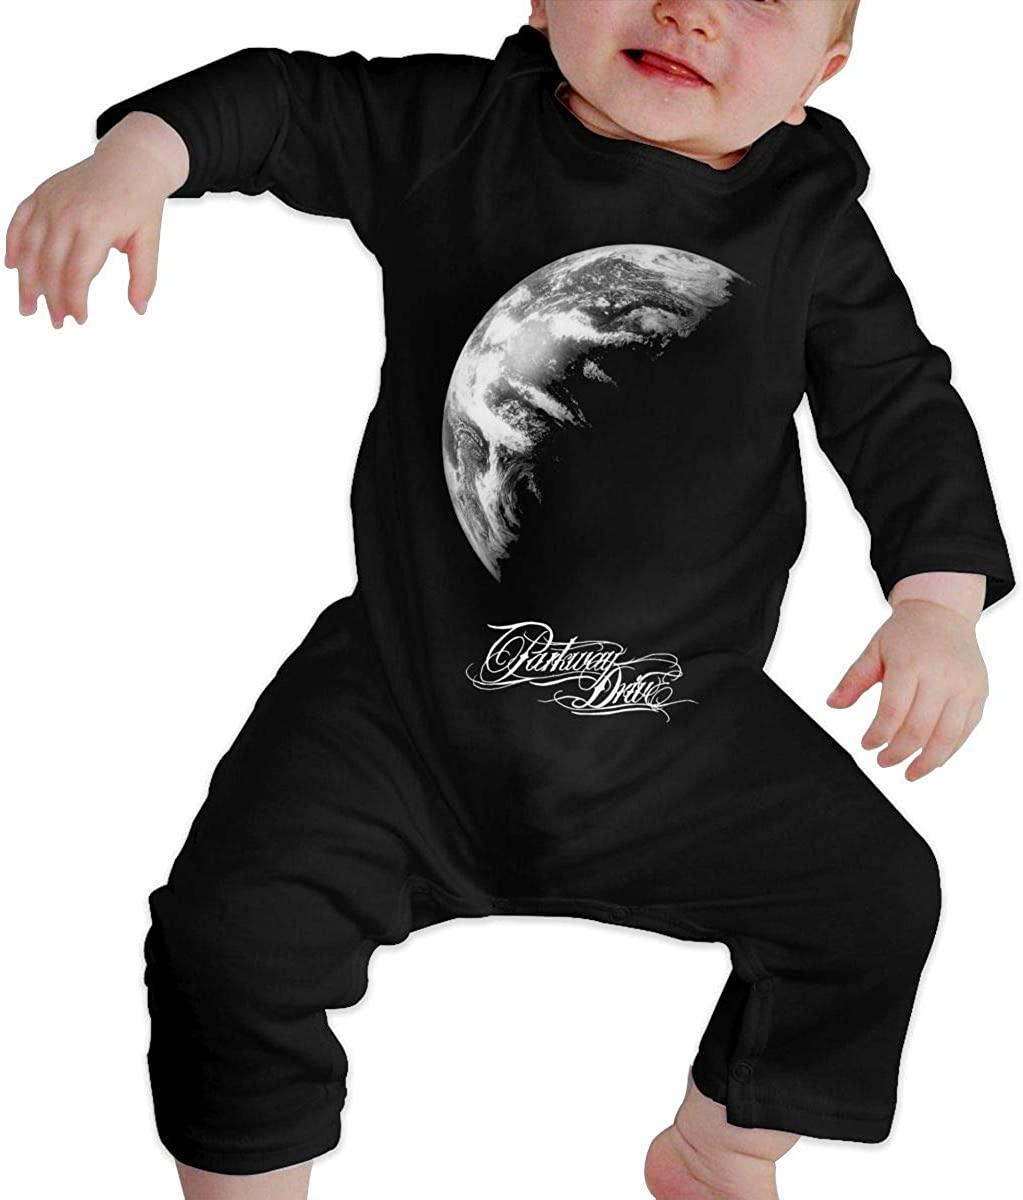 Watkinsmarket Parkway Drive Baby Boy Girl Jumpsuit Jumpsuit Baby Newborn Cotton Long Sleeve Jumpsuit Black